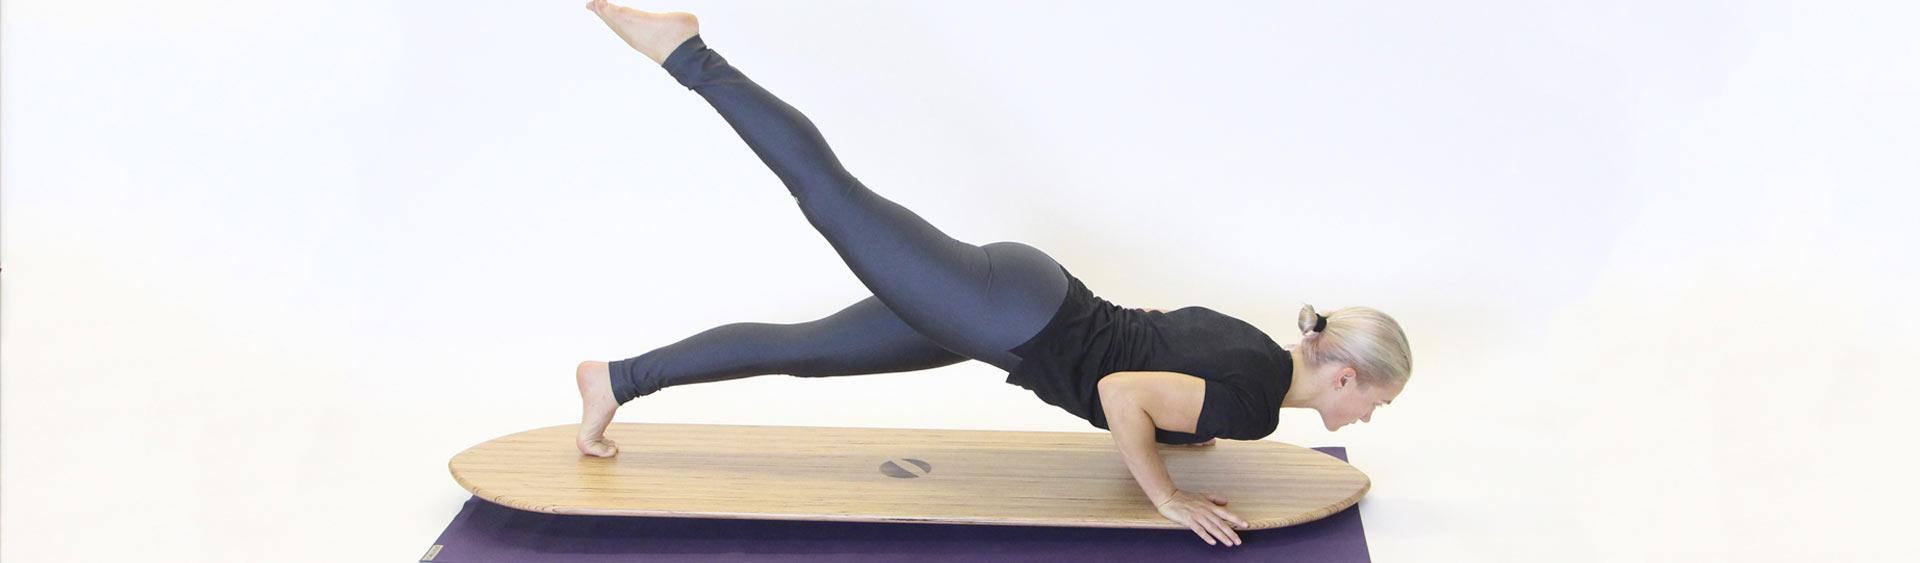 Yogaboard Trainer | Ausbildung zum Yoga Trainer - SAFS & BETA